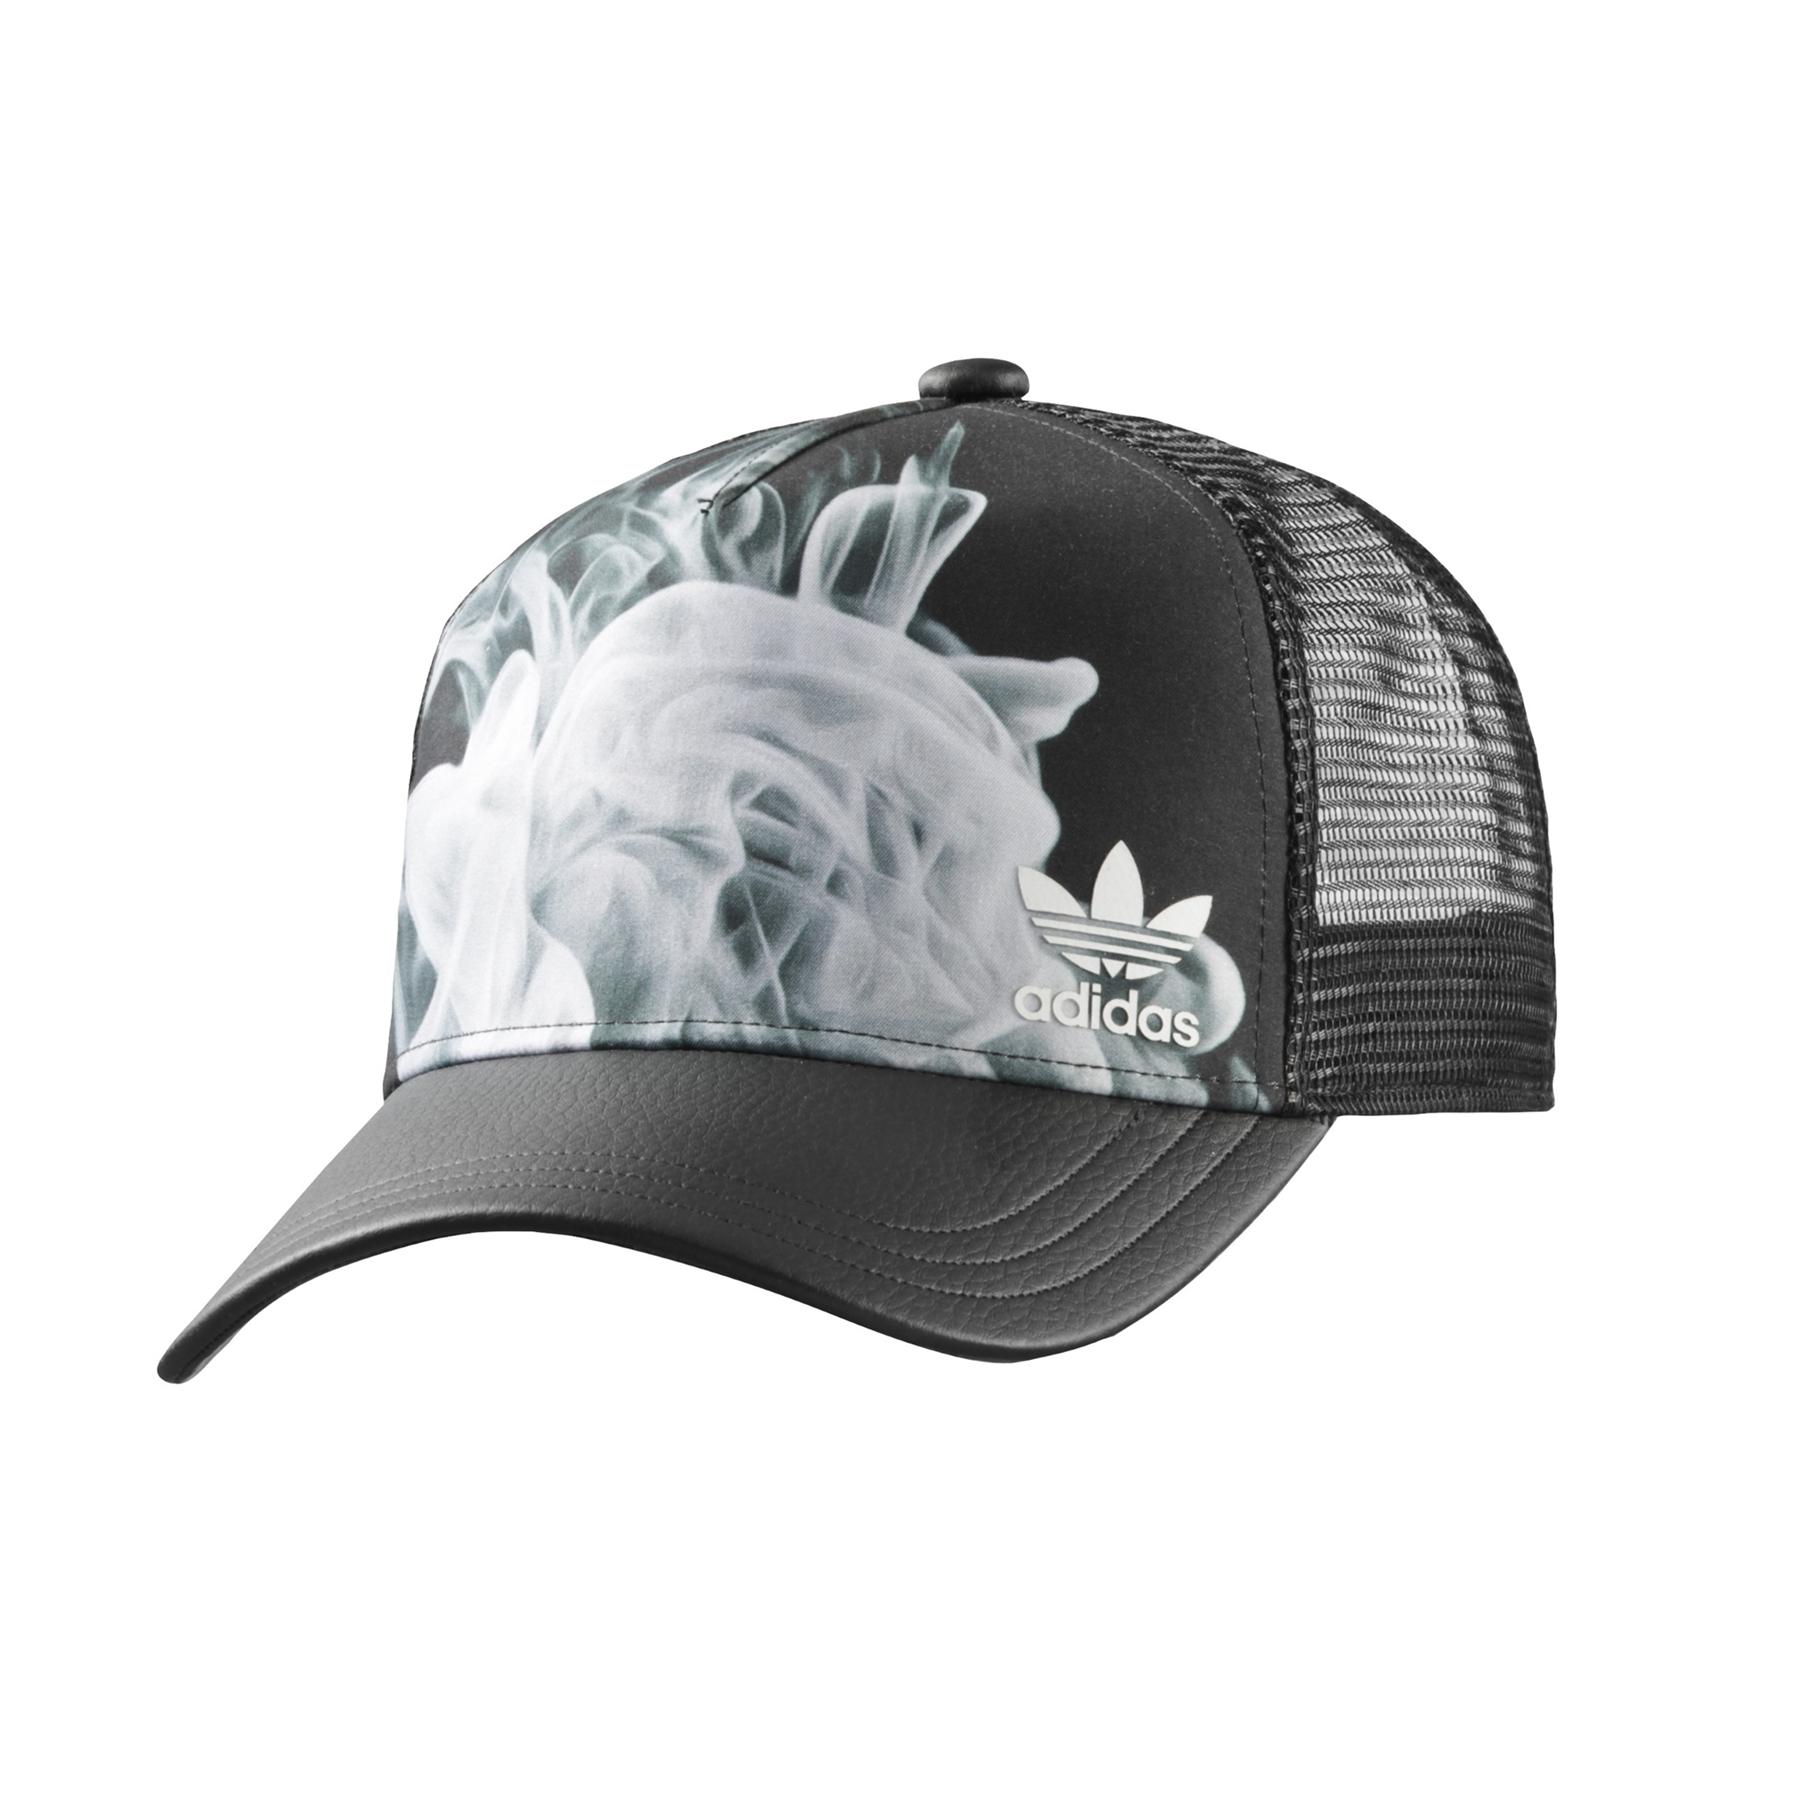 adidas original gorra